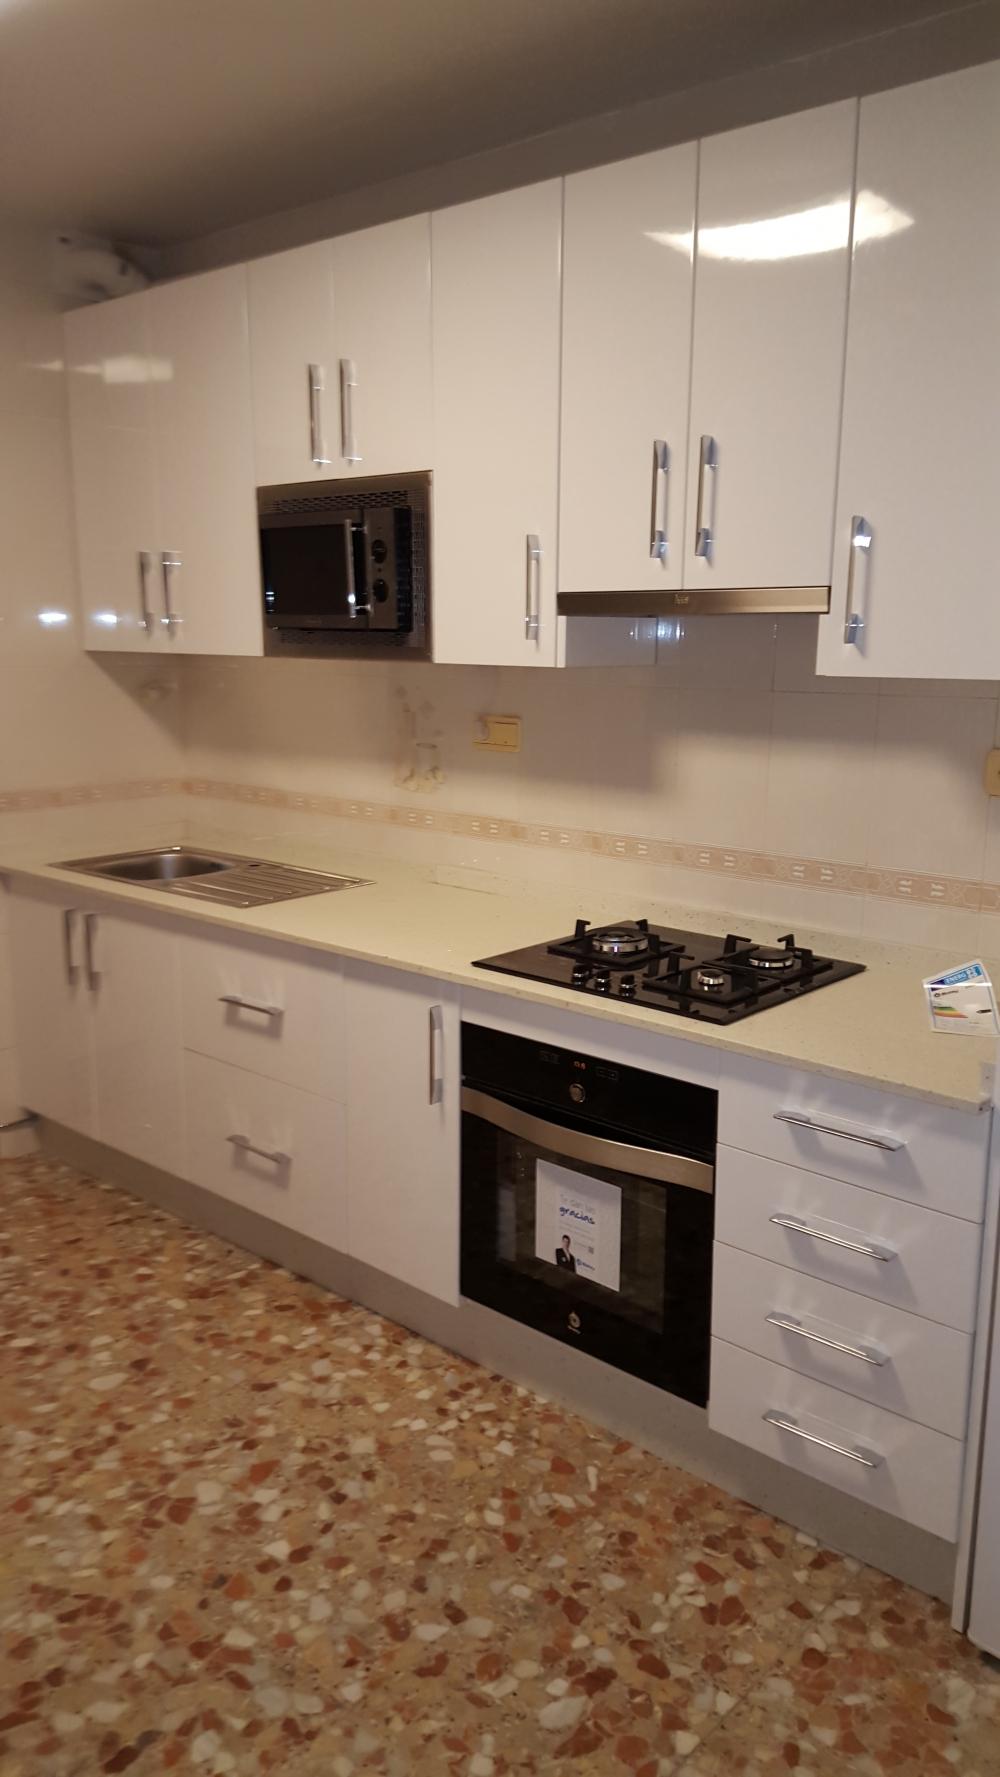 Puertas para muebles de cocina en alicante - Cocinas en alicante ...